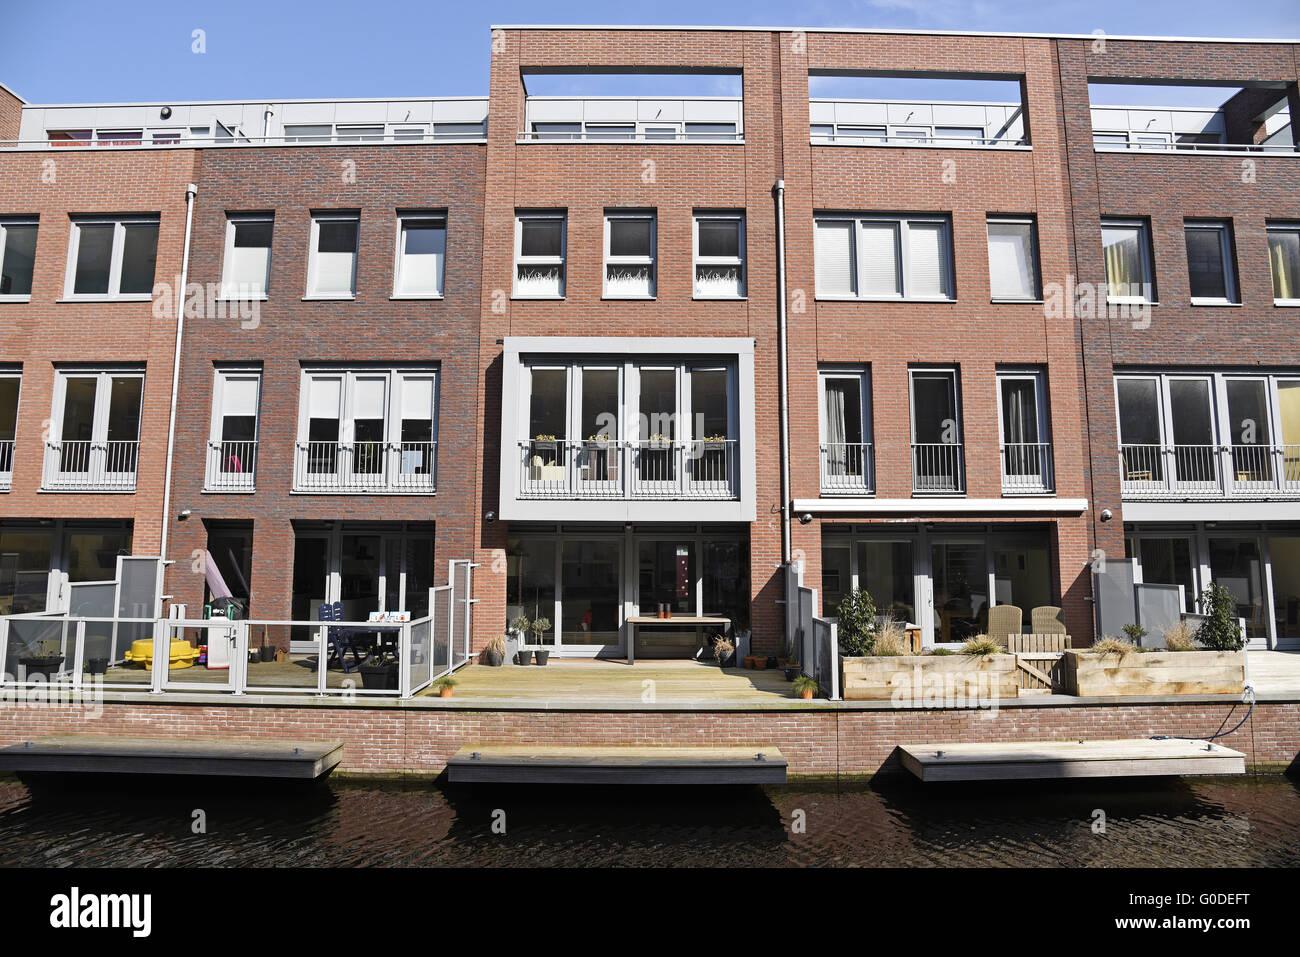 Turfmarkt, Alkmaar, The Netherlands - Stock Image